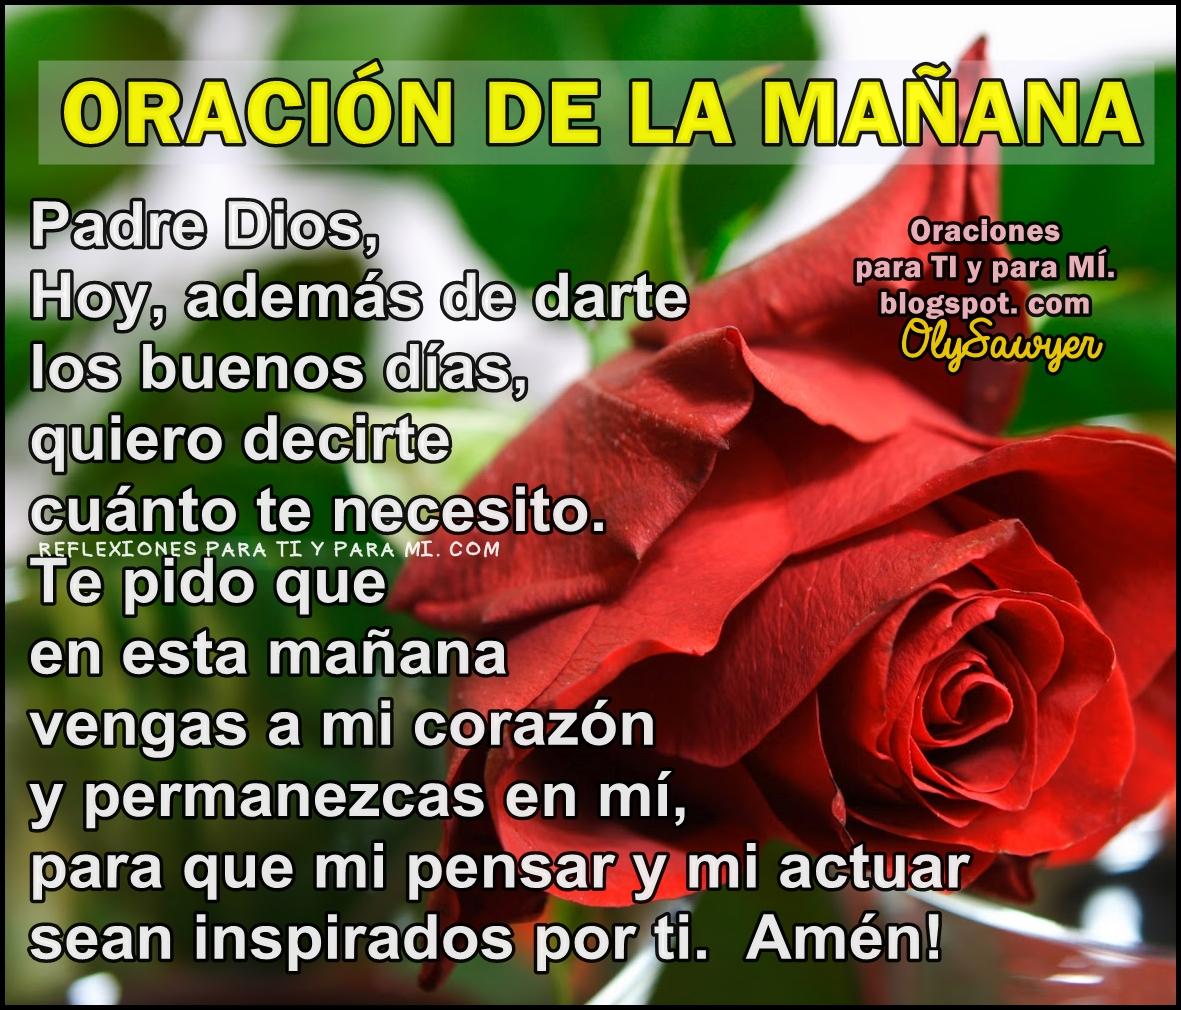 Hagamos Una Oracion Por La Salud De Nuestra Amiga Myrita Cristian